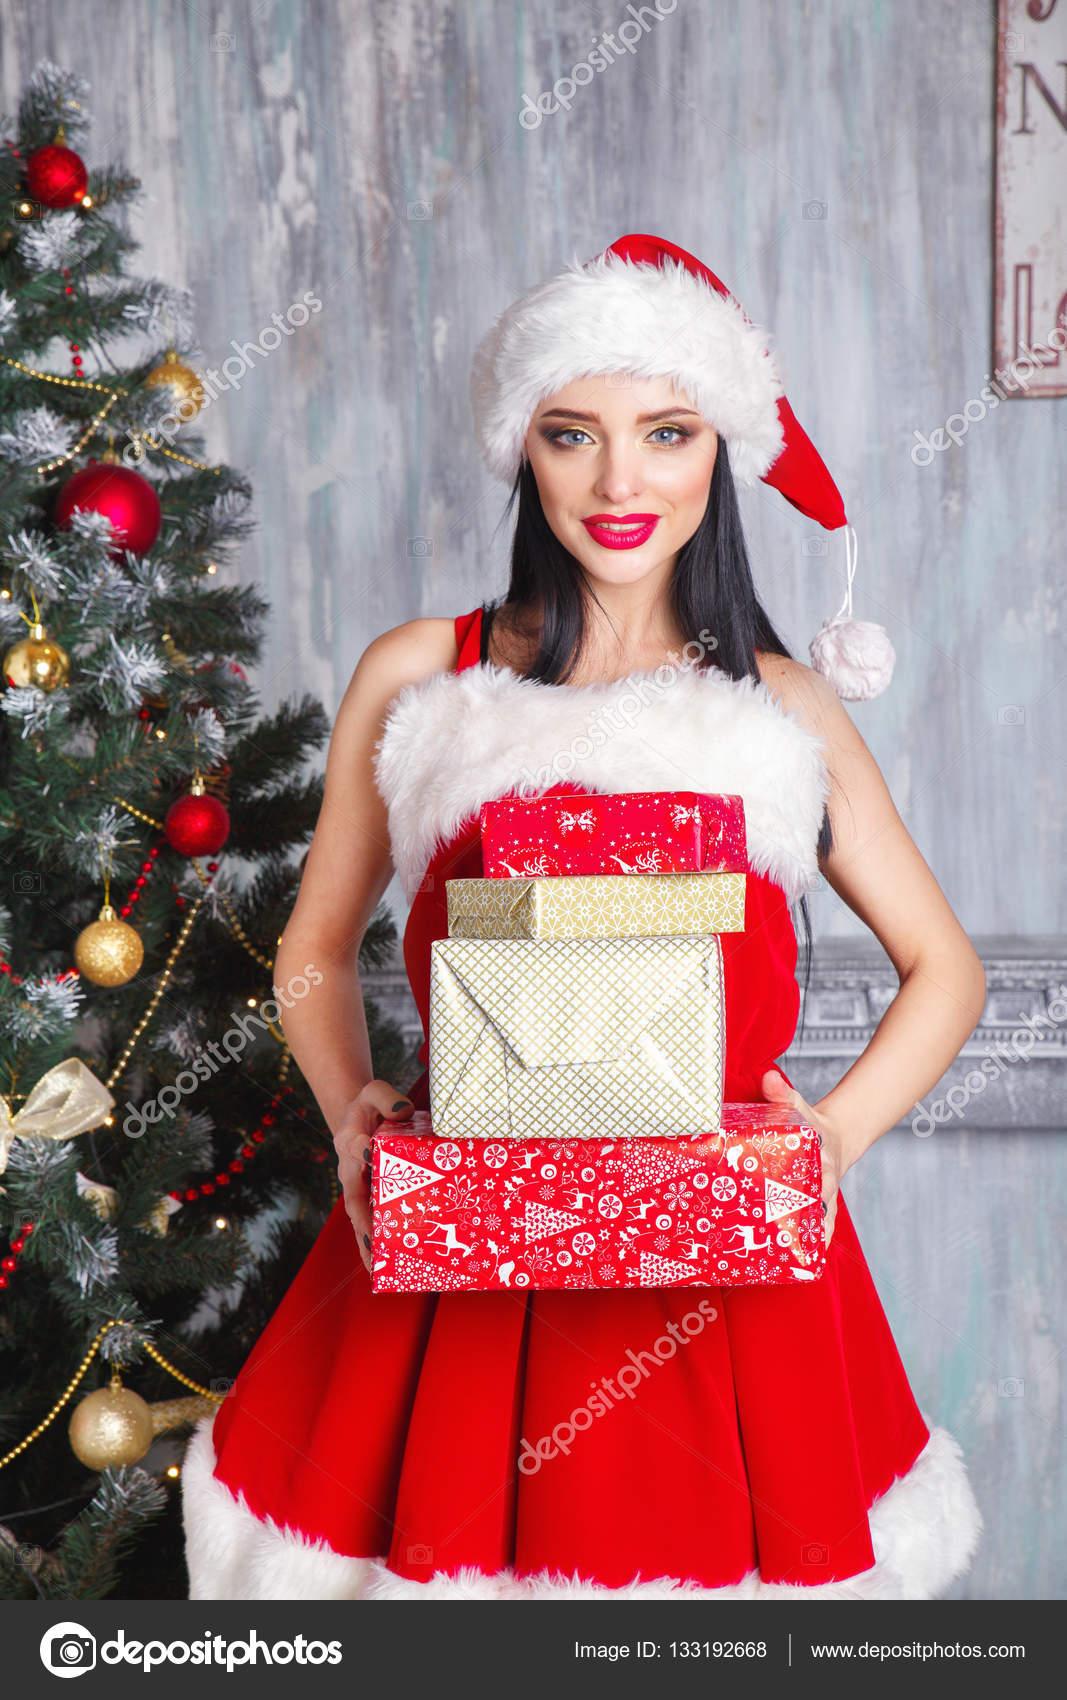 schöne sexy Mädchen Santa Claus Kleidung zu tragen. Lächelnde Frau ...